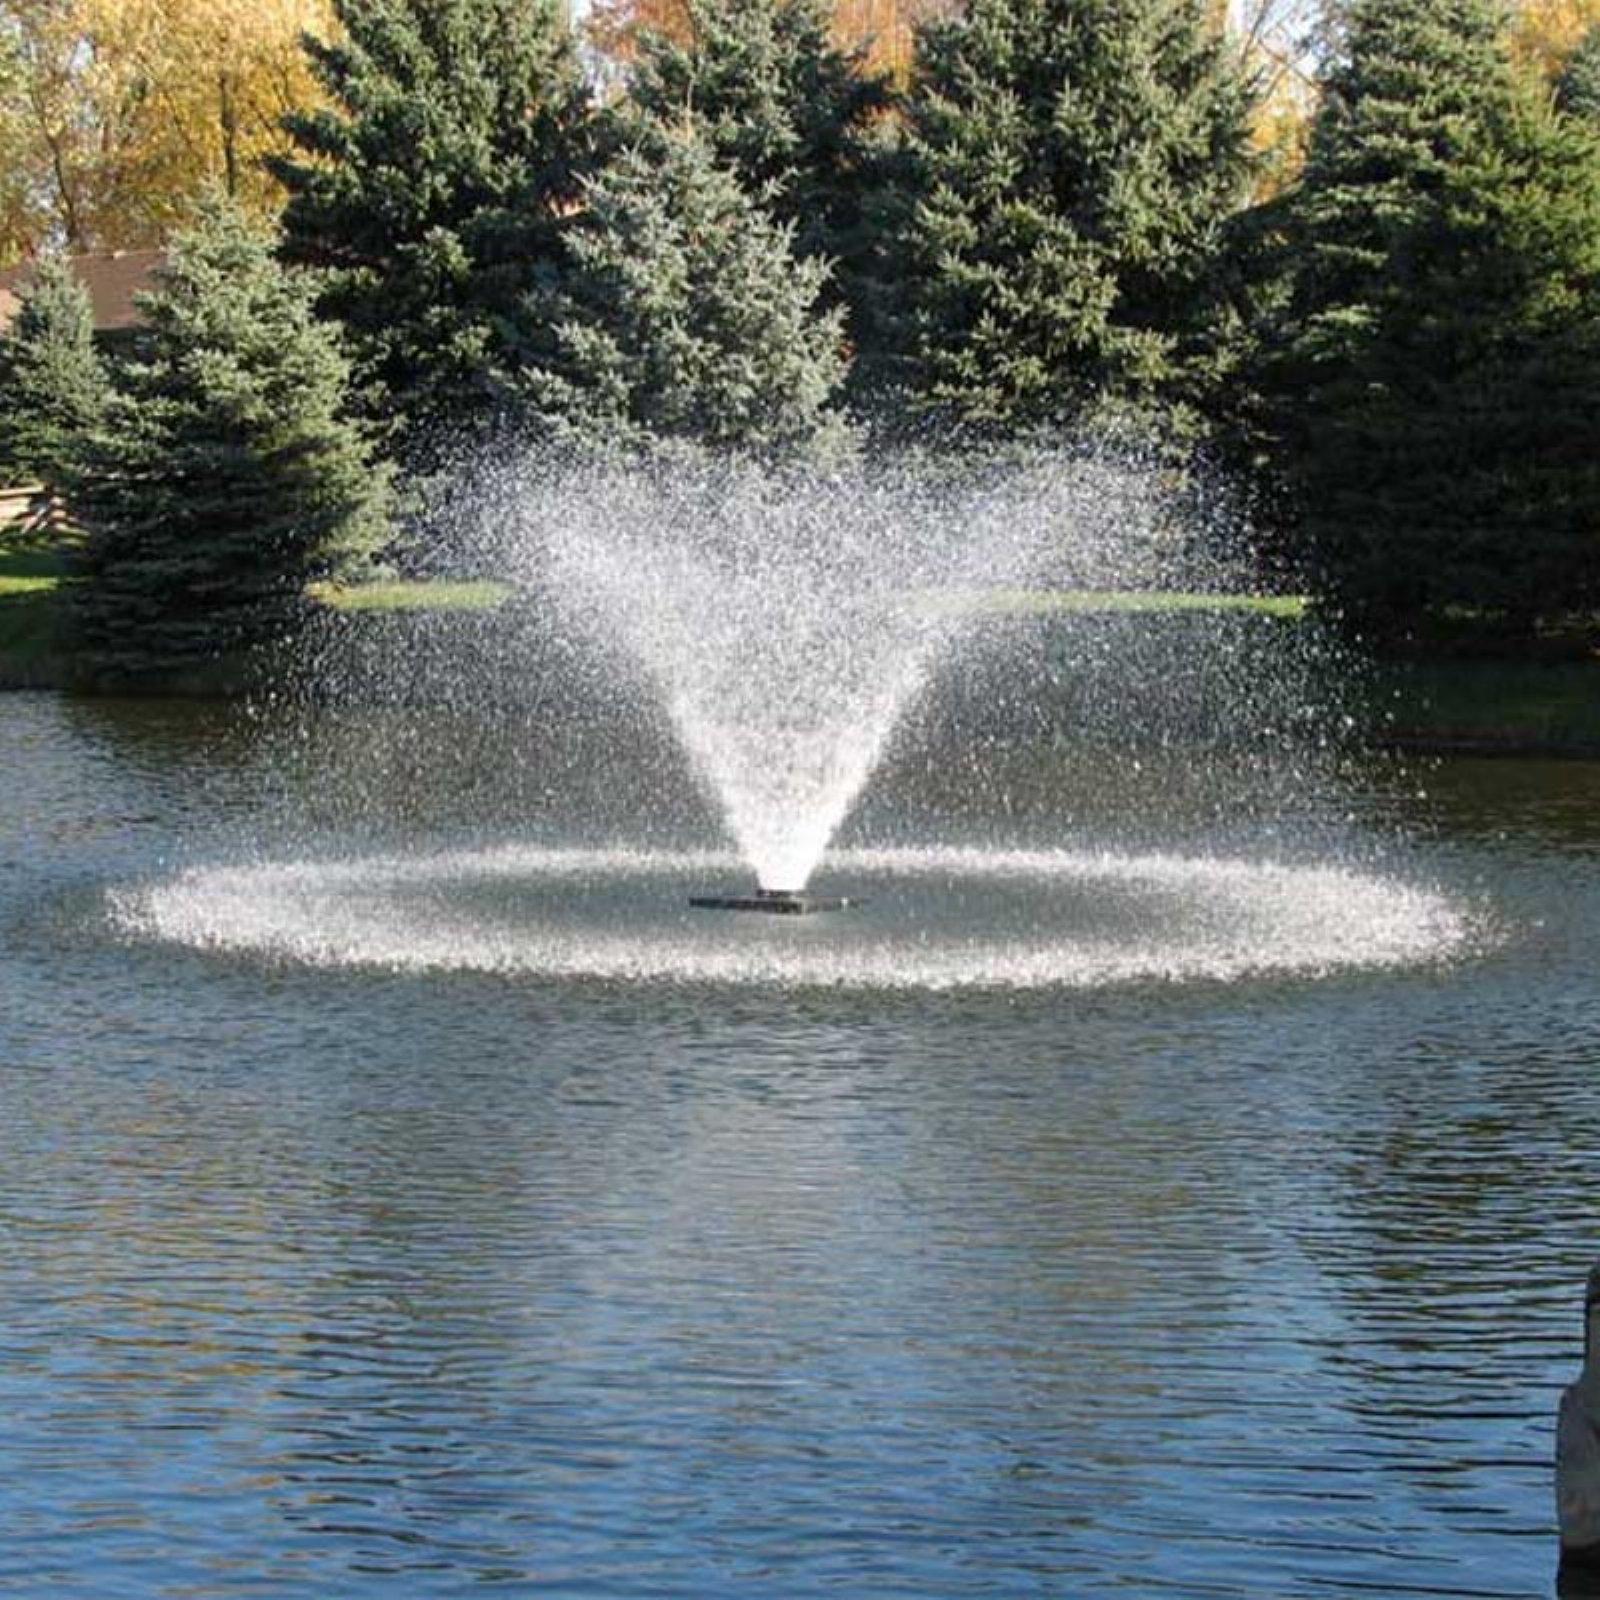 Scott Aerator Da 20 Display 1 1 2 Hp Pond Aerator Water Fountains Outdoor Fountains Outdoor Pond Aerator